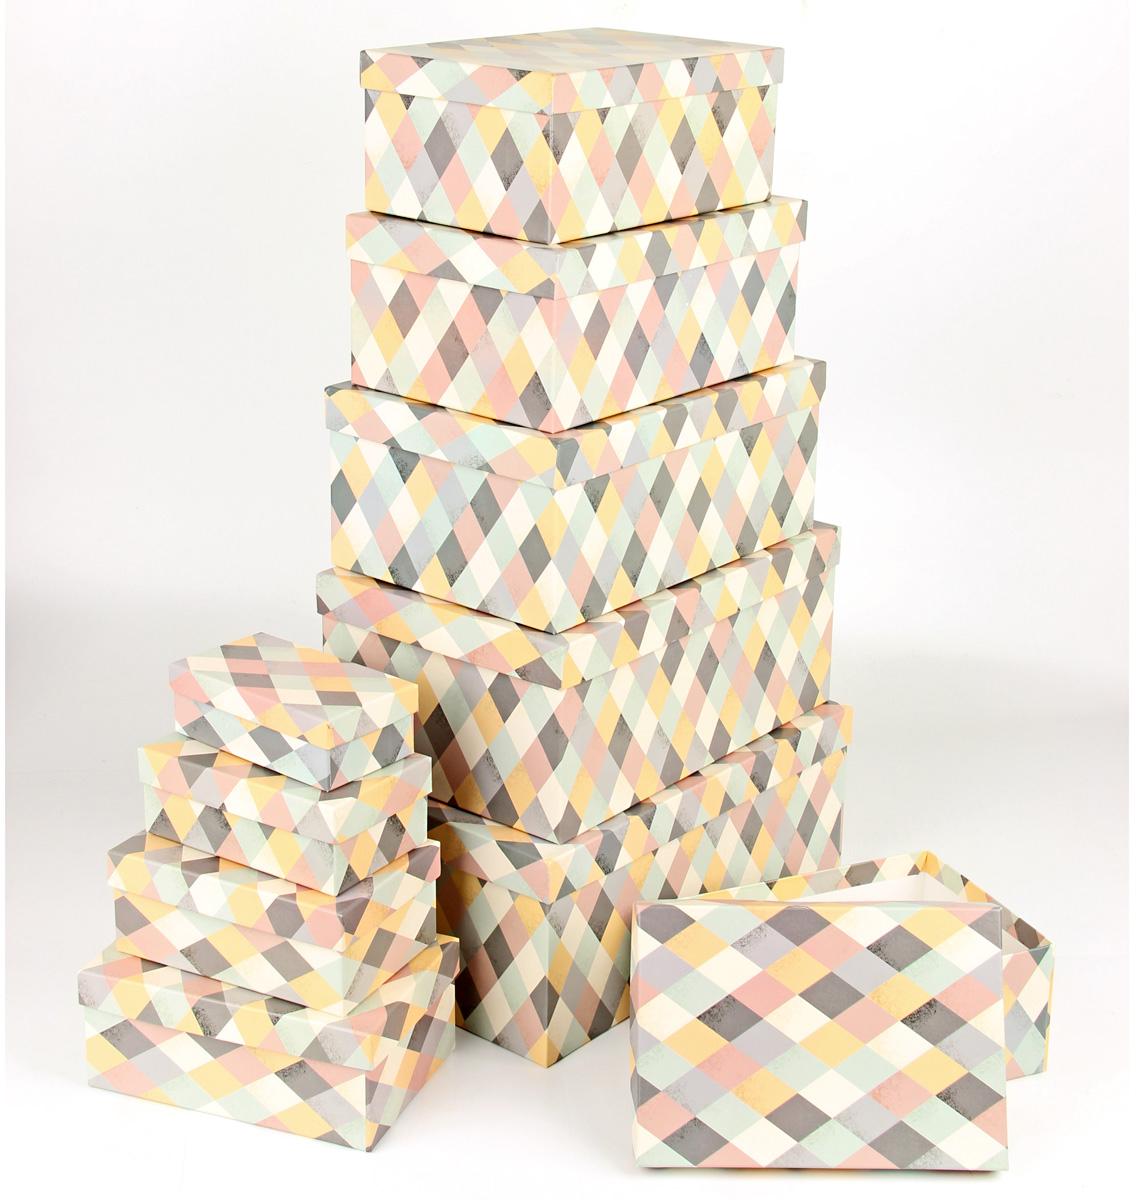 Набор подарочных коробок Veld-Co  Пастельная мозаика , прямоугольные, 10 шт -  Подарочная упаковка